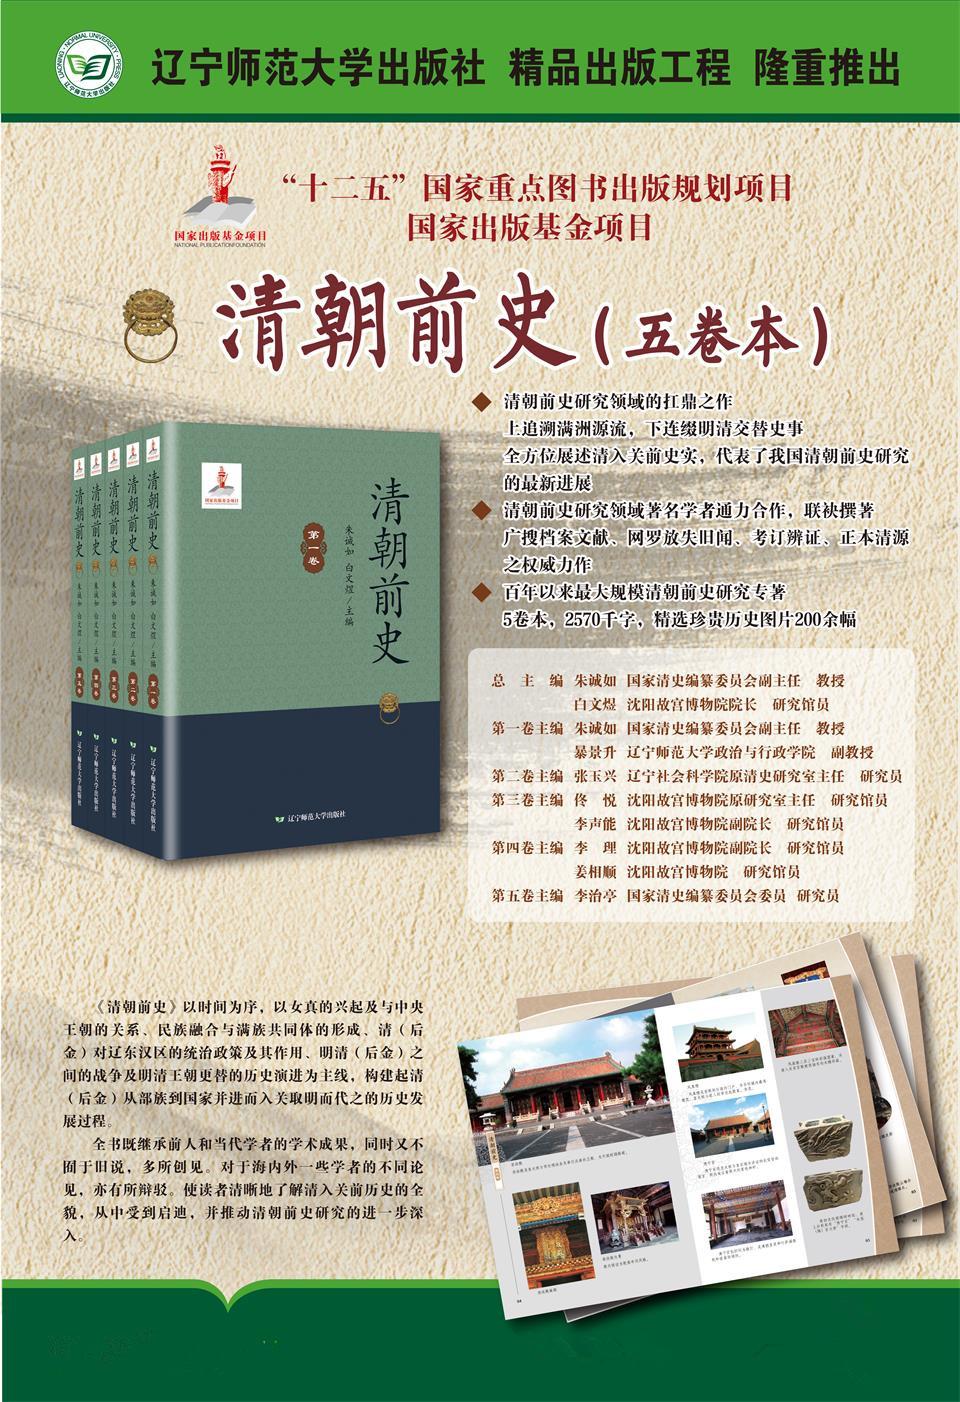 辽师大出版社《清朝前史》出版发布暨研讨会在京举行